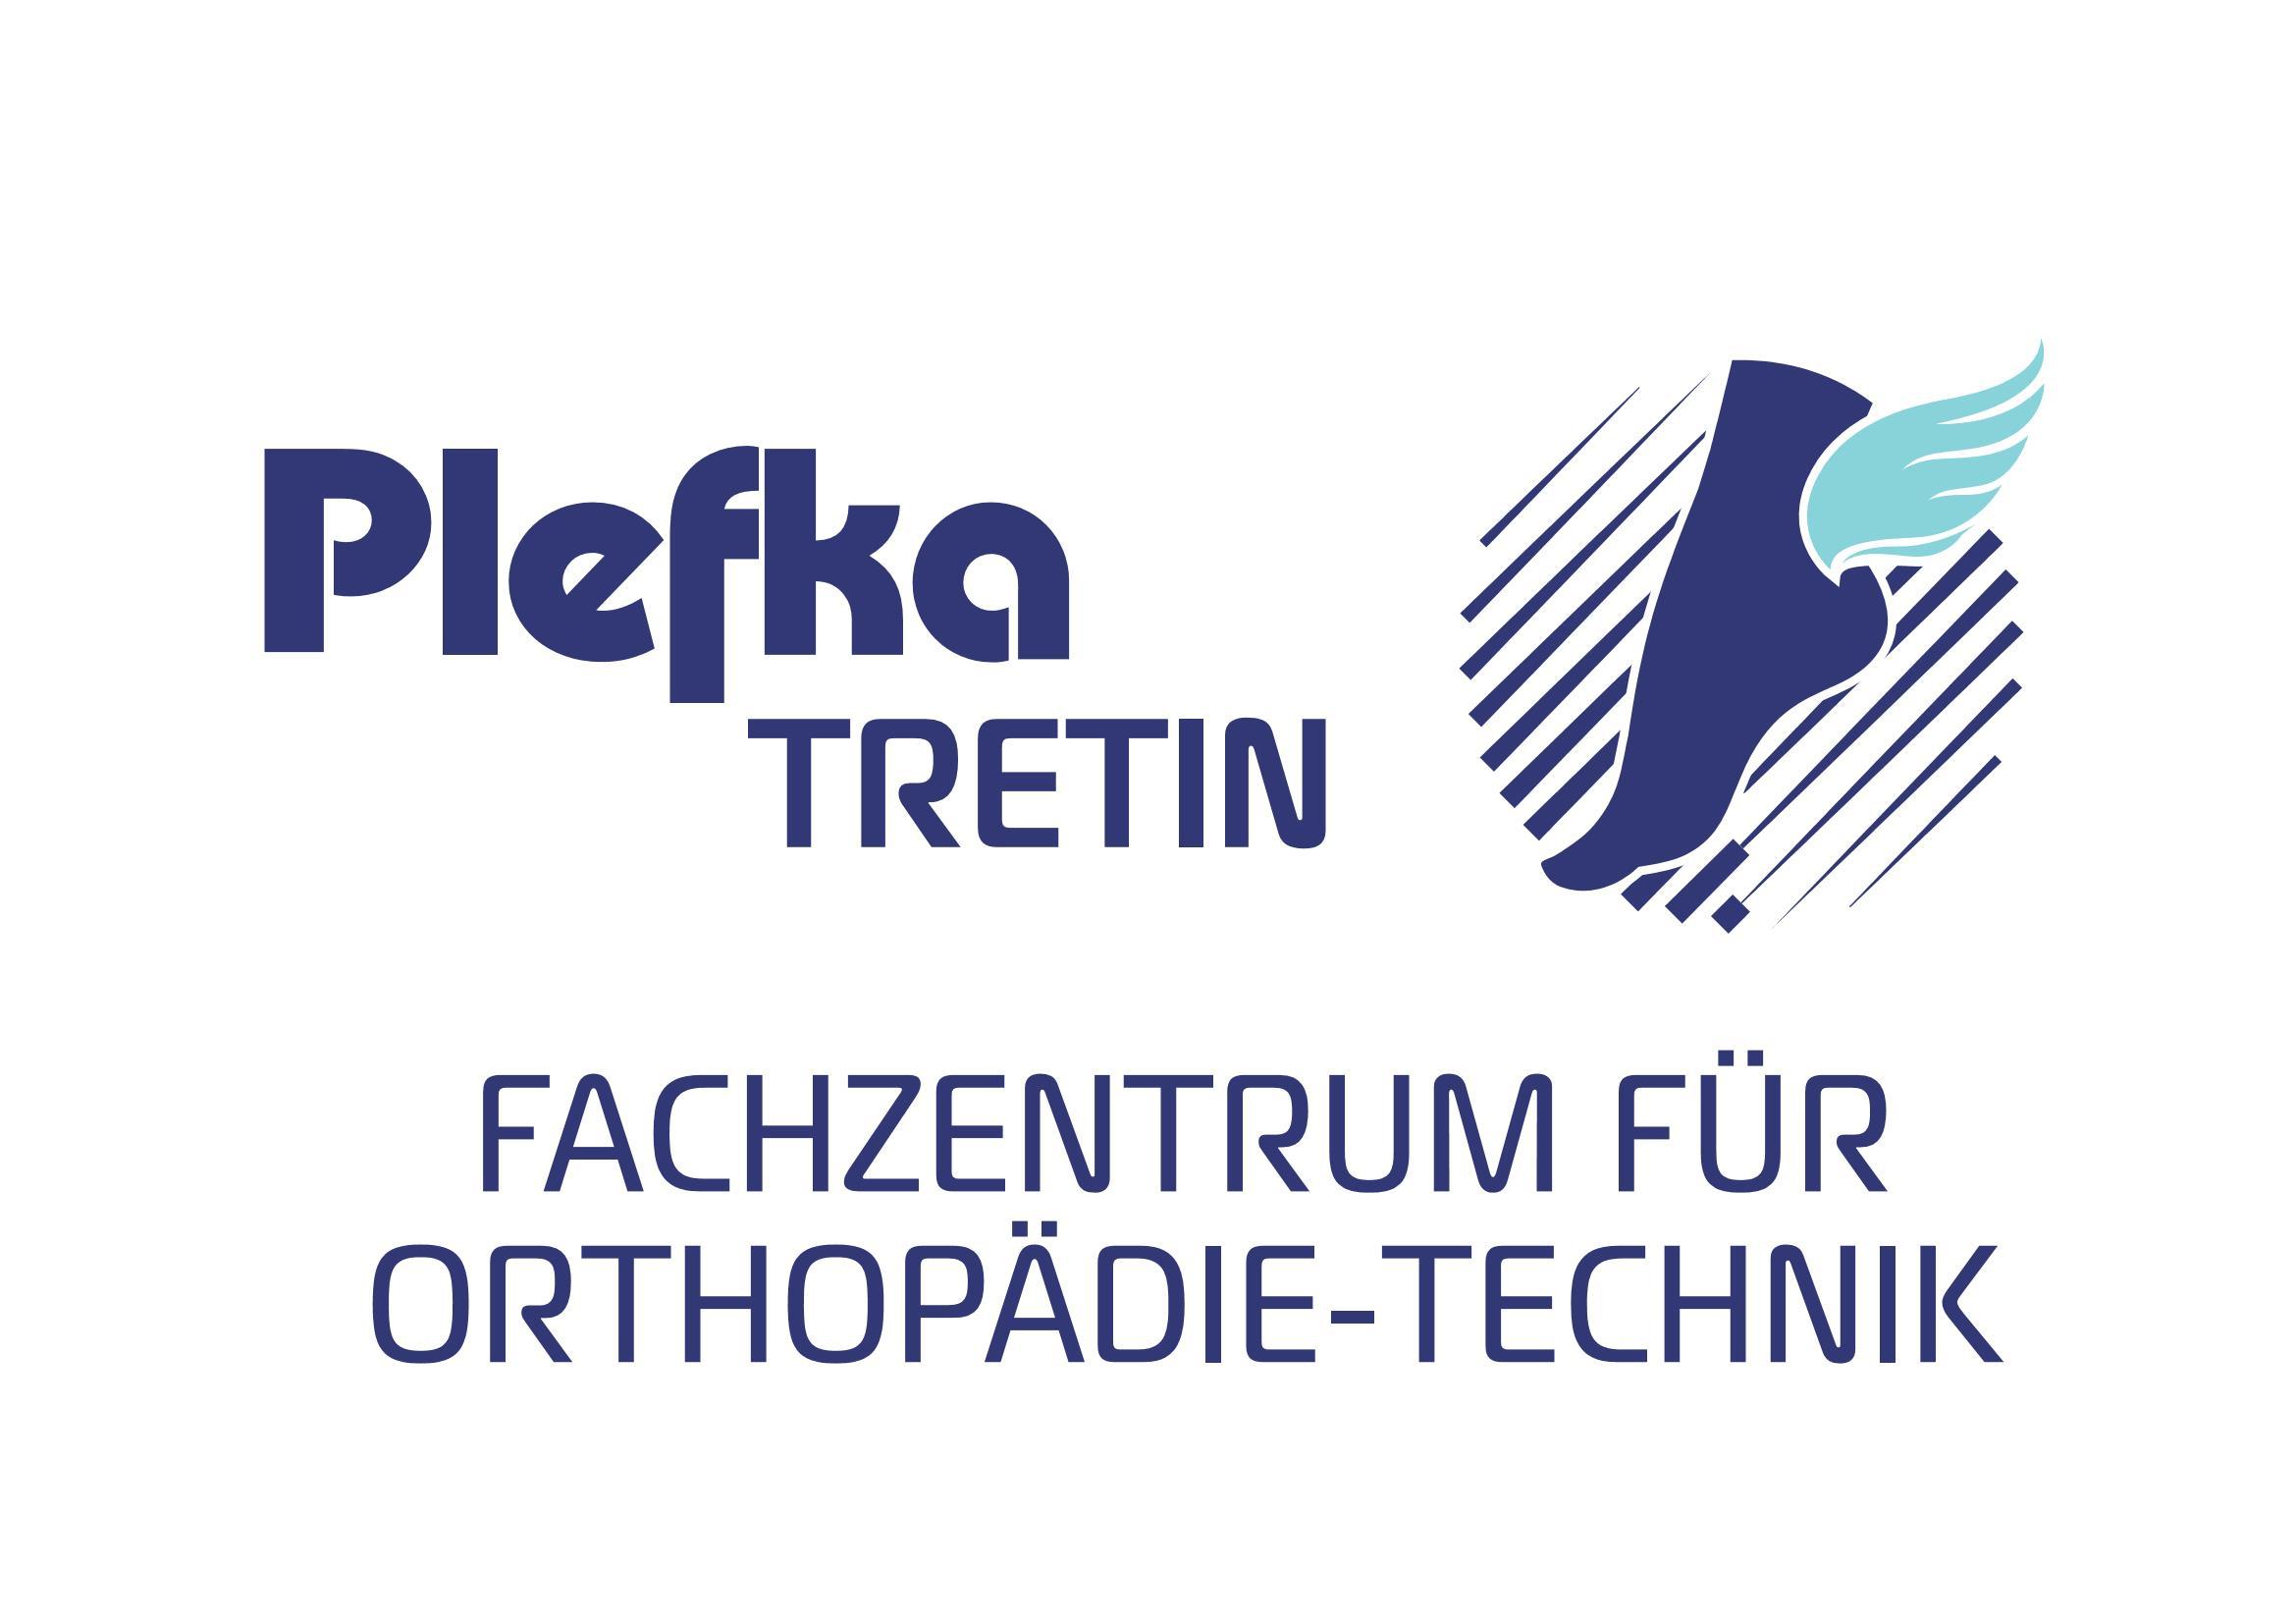 Fachzentrum für Orthopädie Technik Plefka & Tretin GmbH